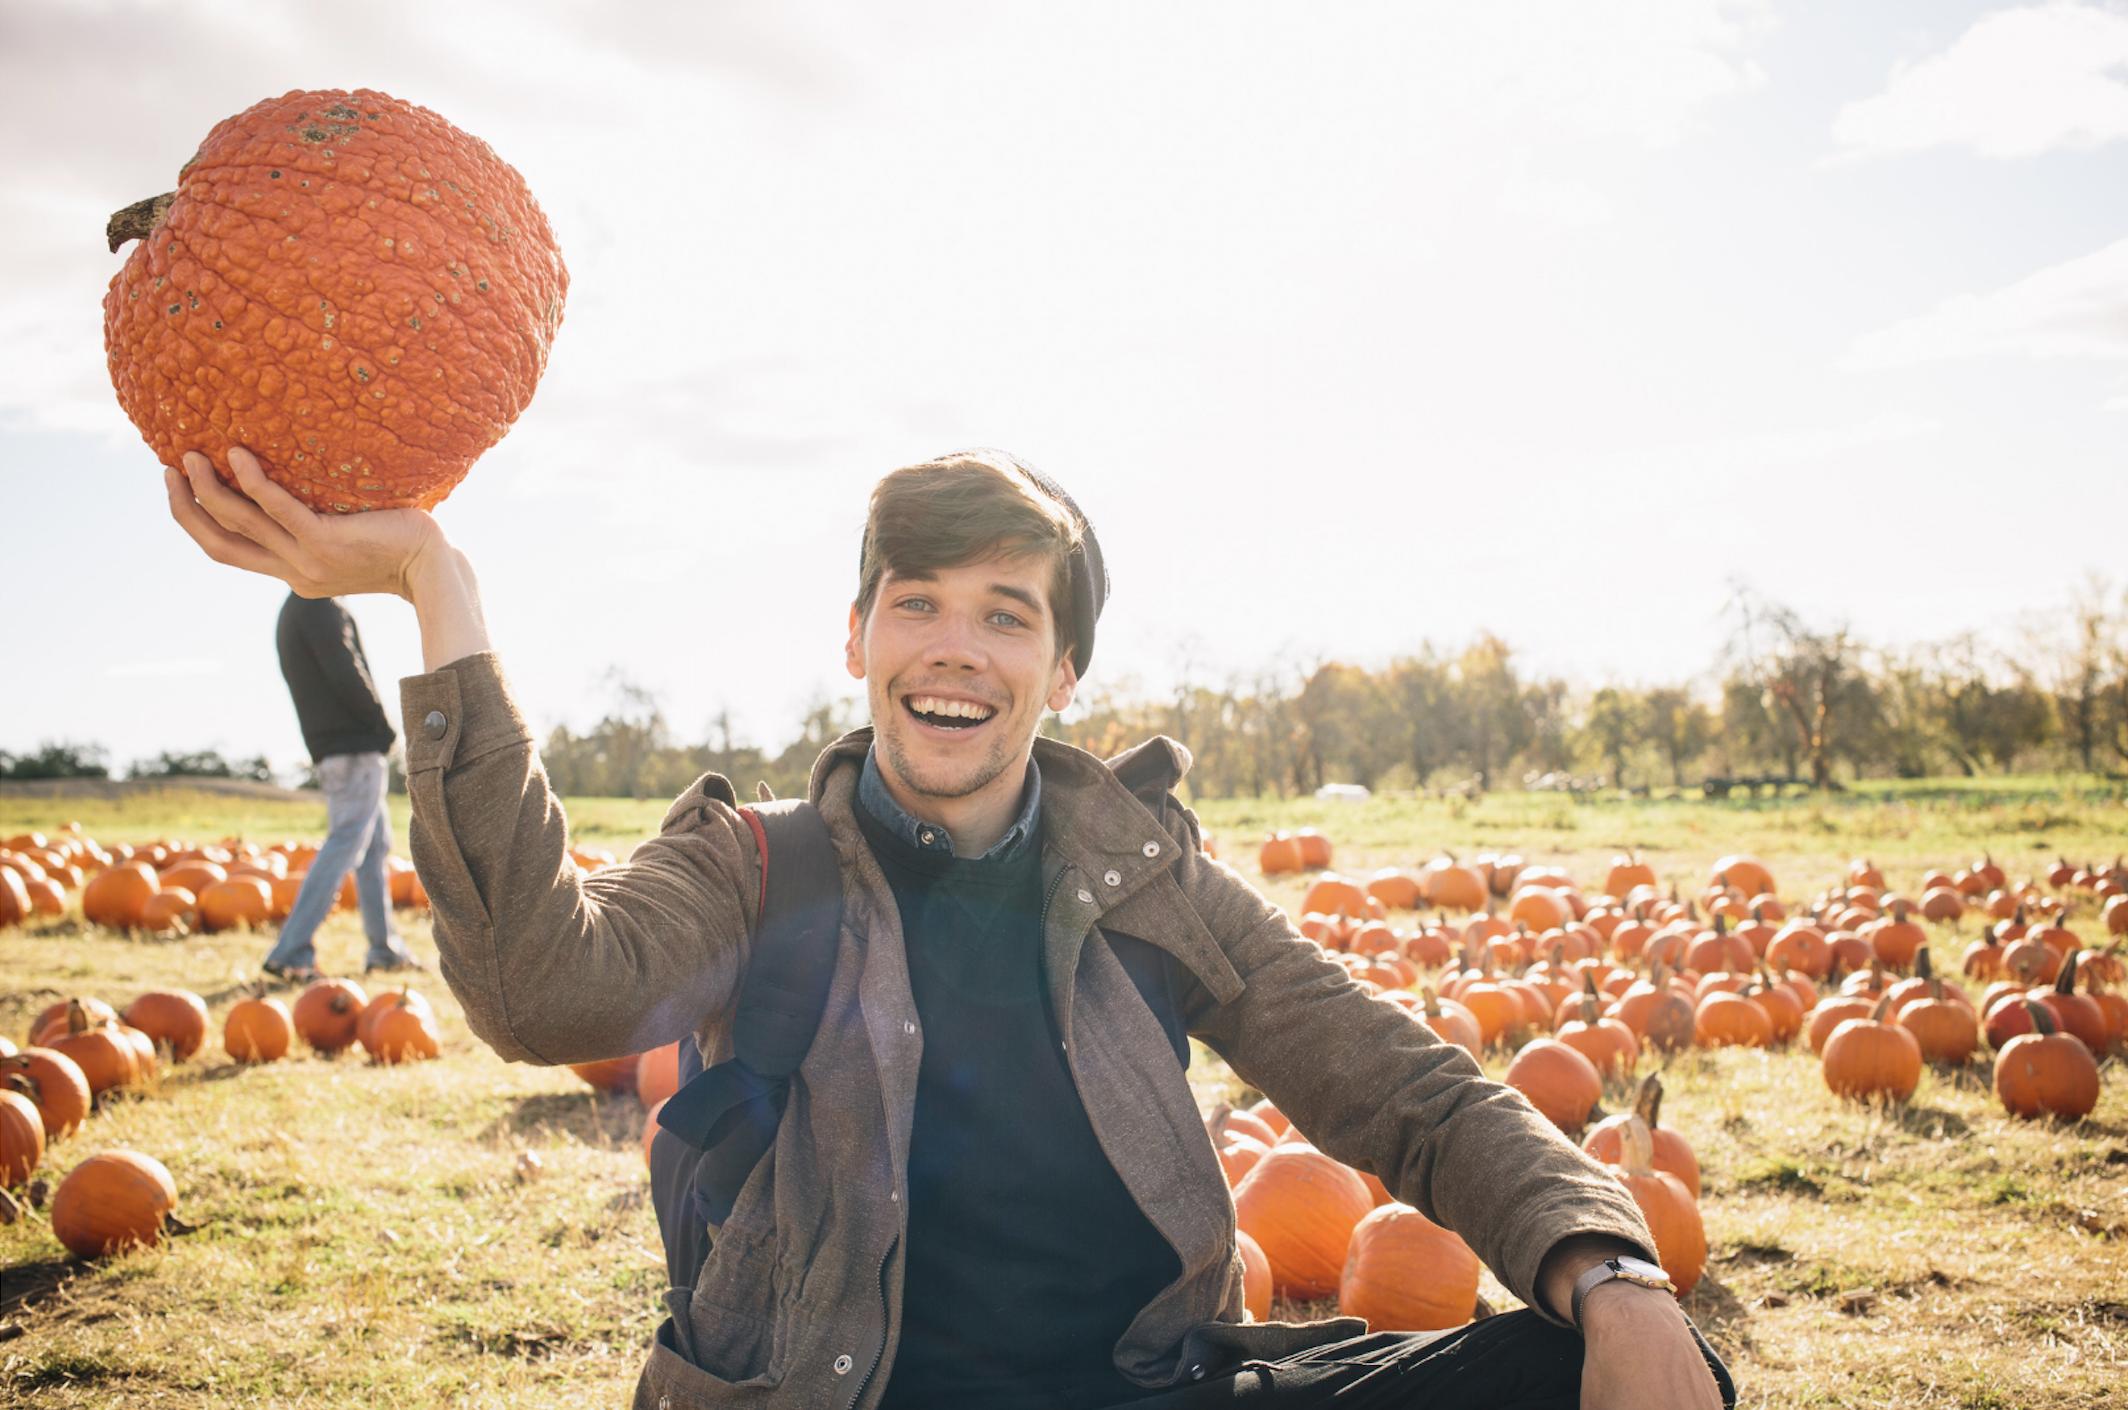 Man Lifting Pumpkin Stock